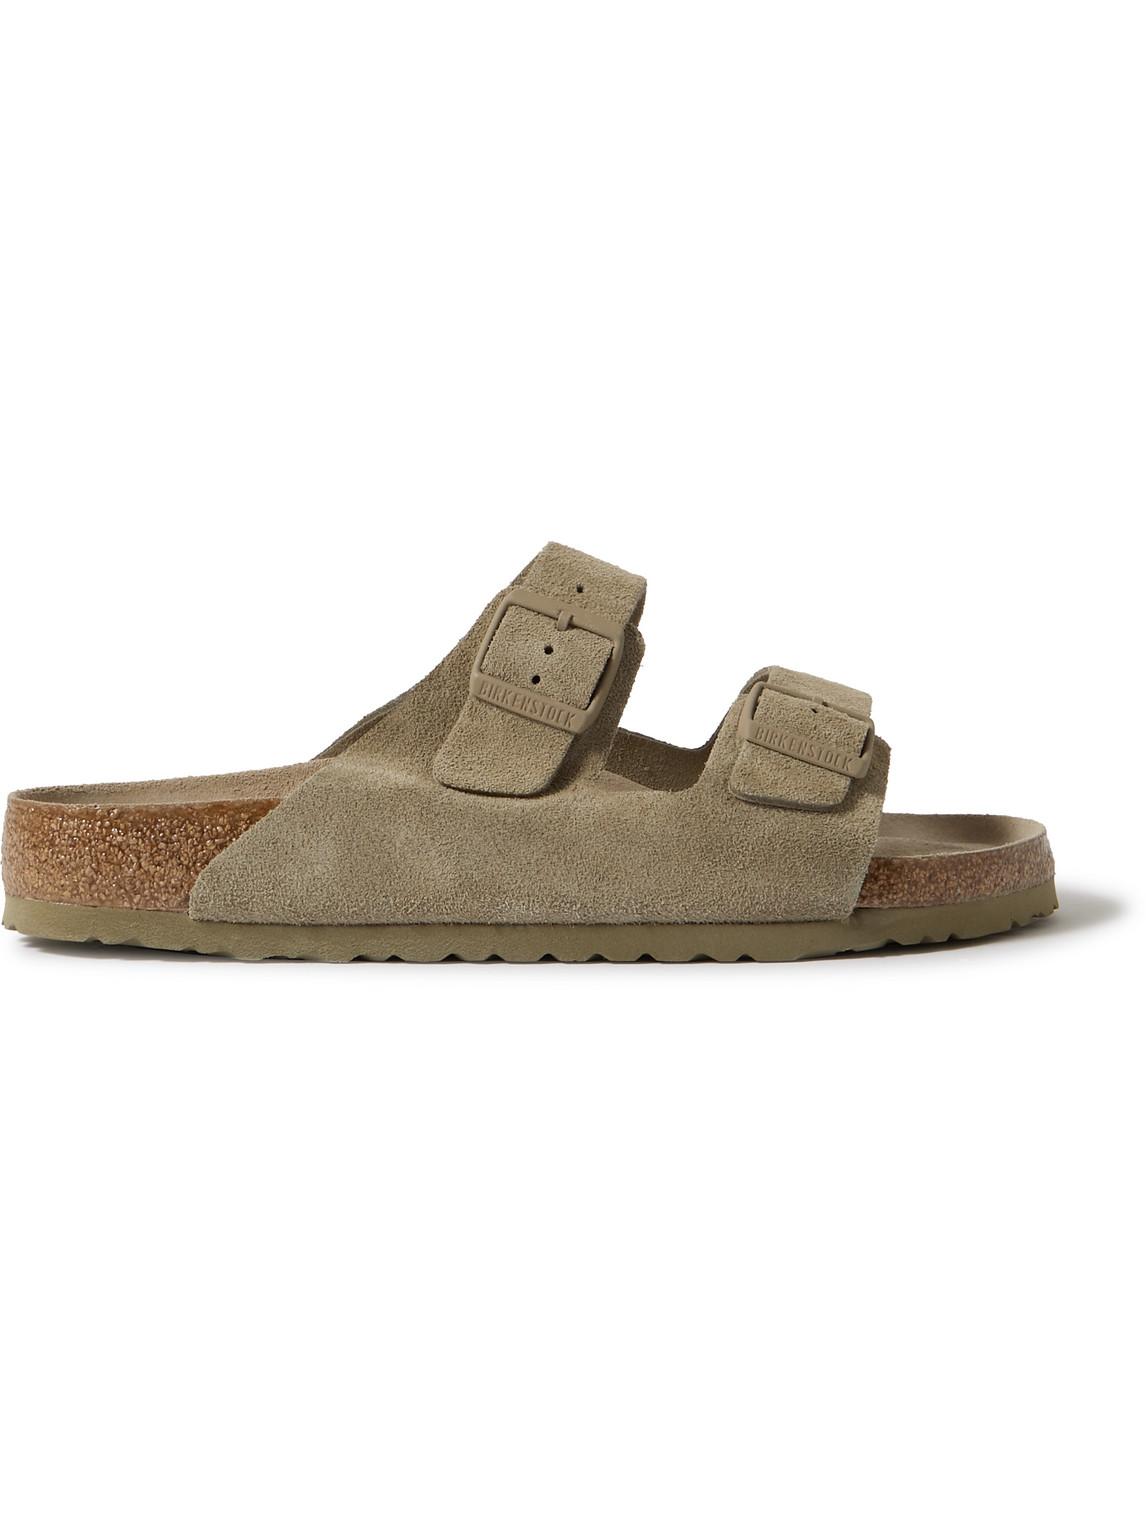 Birkenstock Arizona Suede Sandals In Neutrals